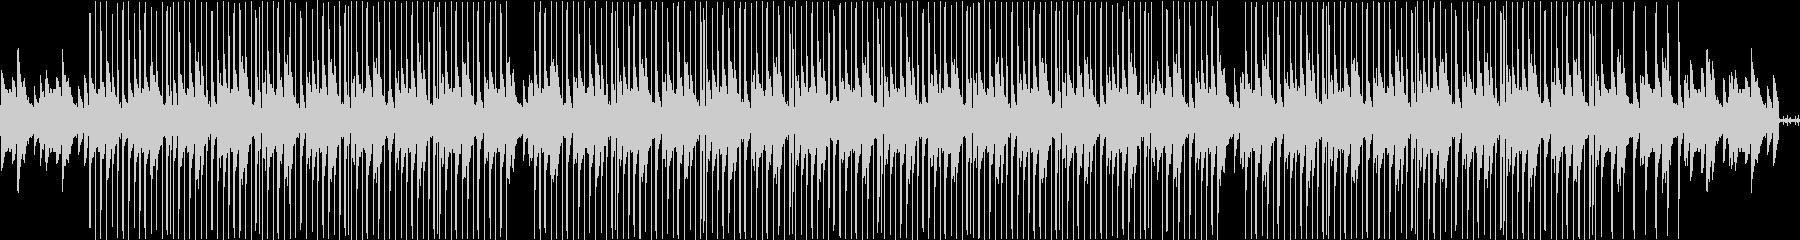 【チル】家で流したいLoFIヒップホップの未再生の波形